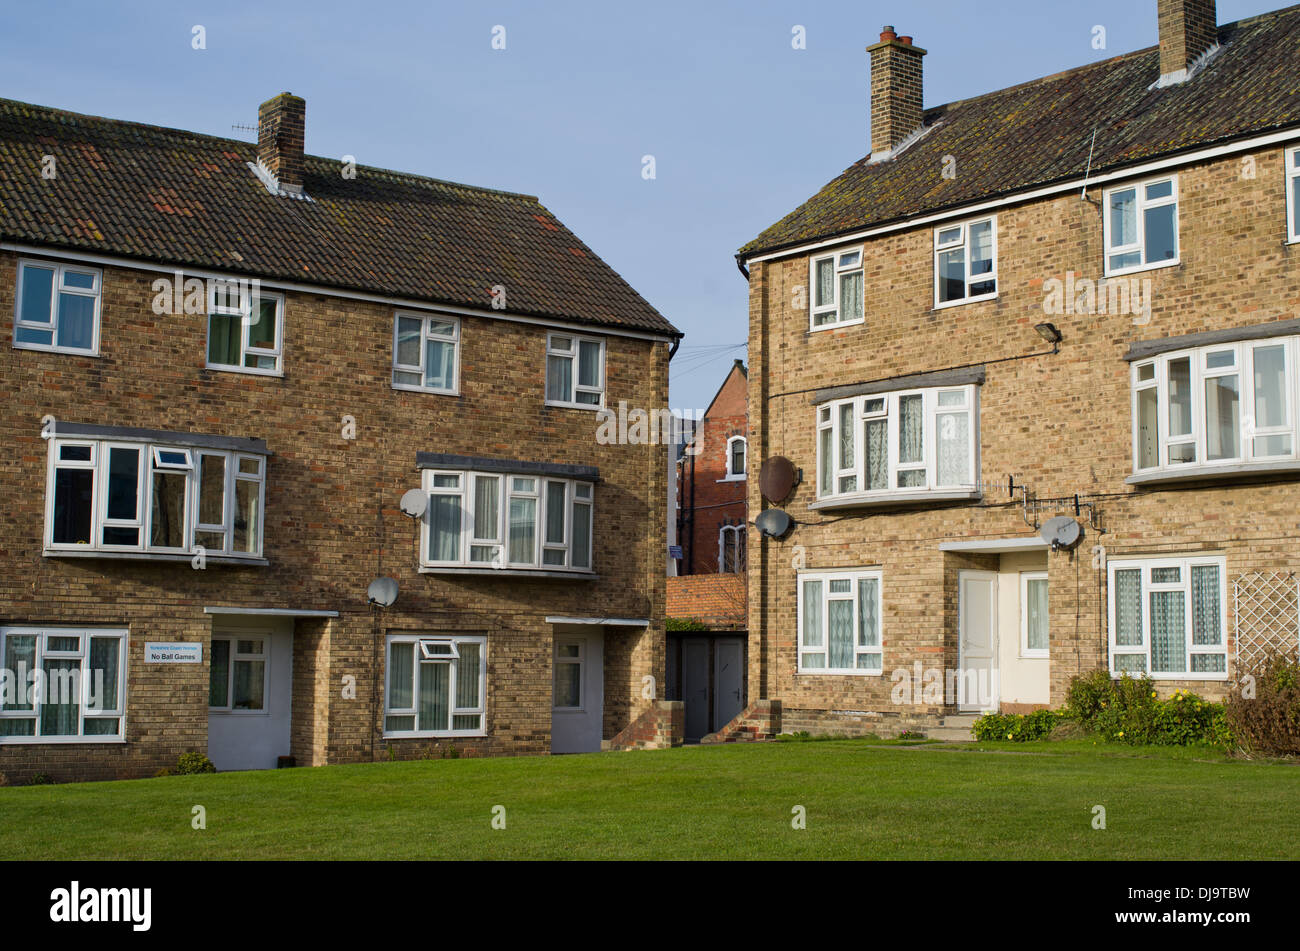 Council Flats To Rent Stock Photos Amp Council Flats To Rent